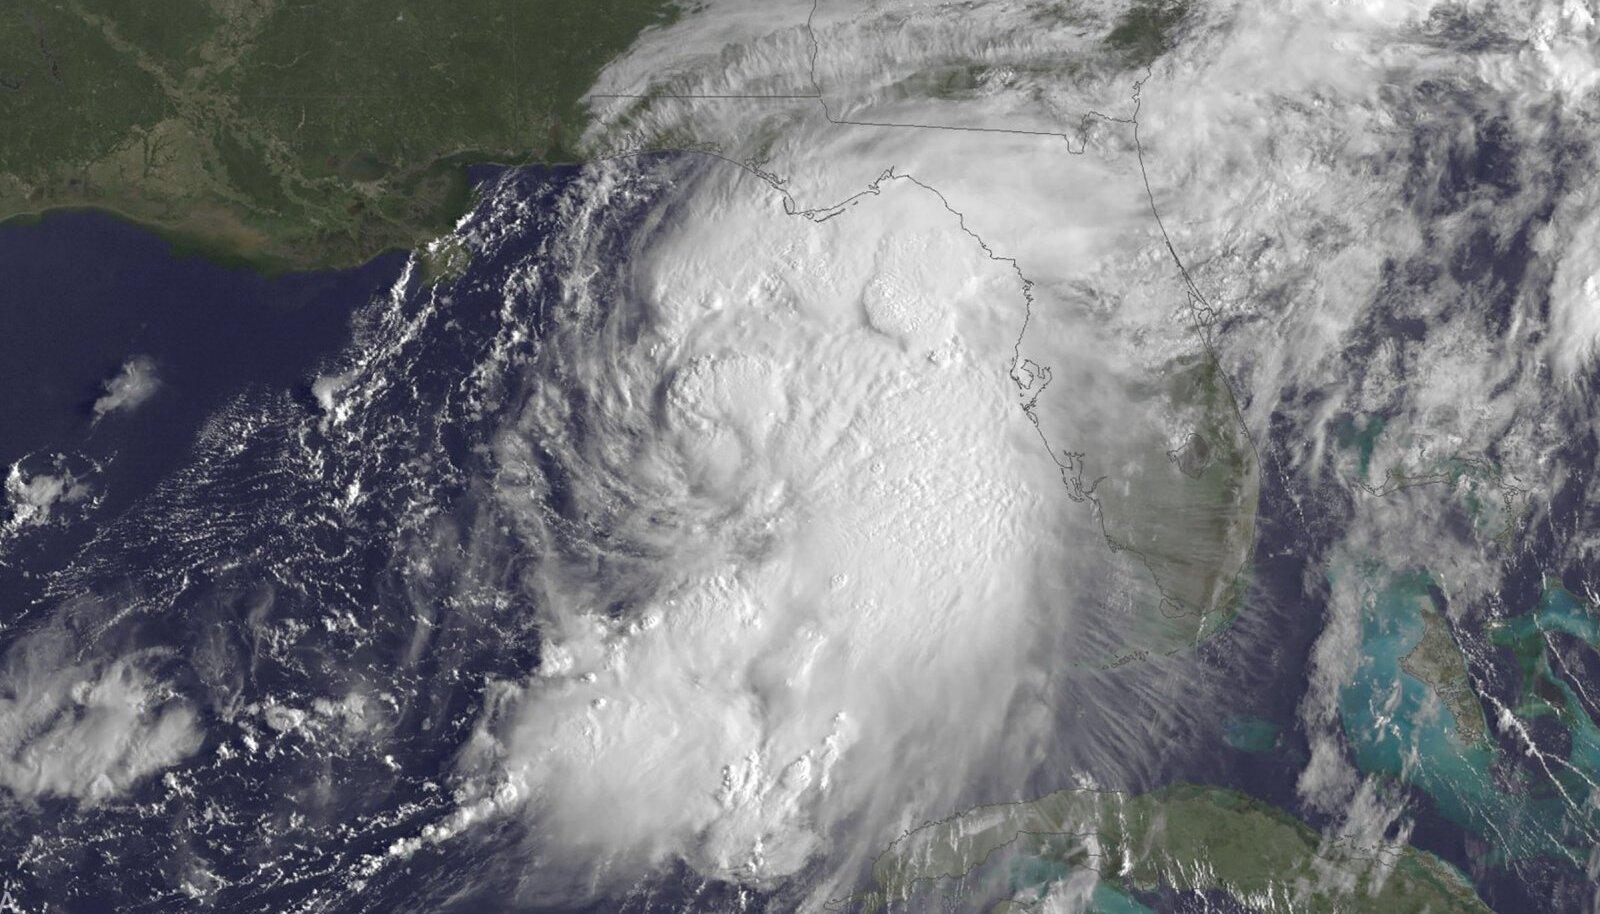 Troopiline torm Hermine enne eilset Florida kohale jõudmist.